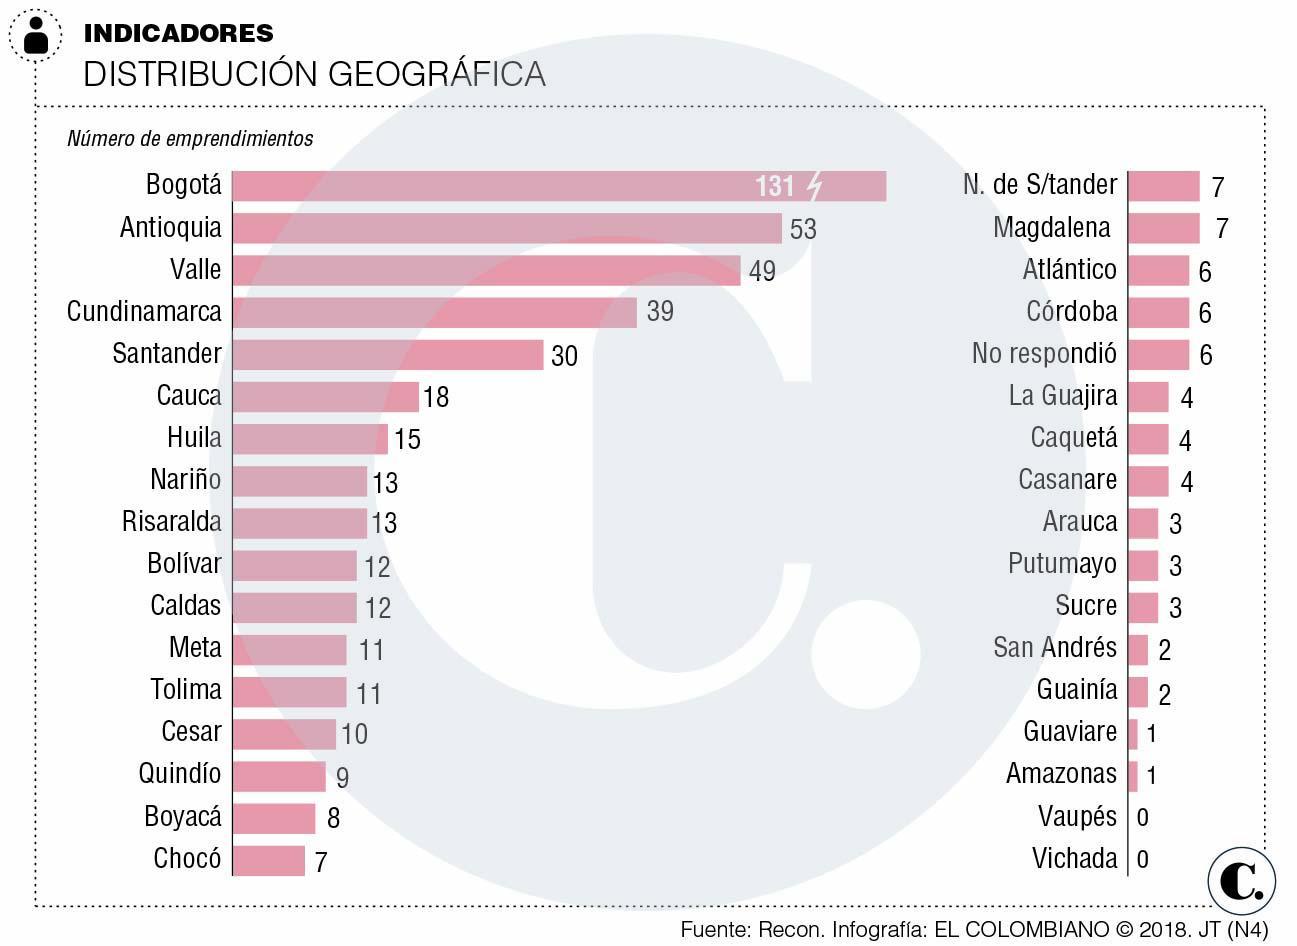 Una radiografía al emprendimiento social en Colombia